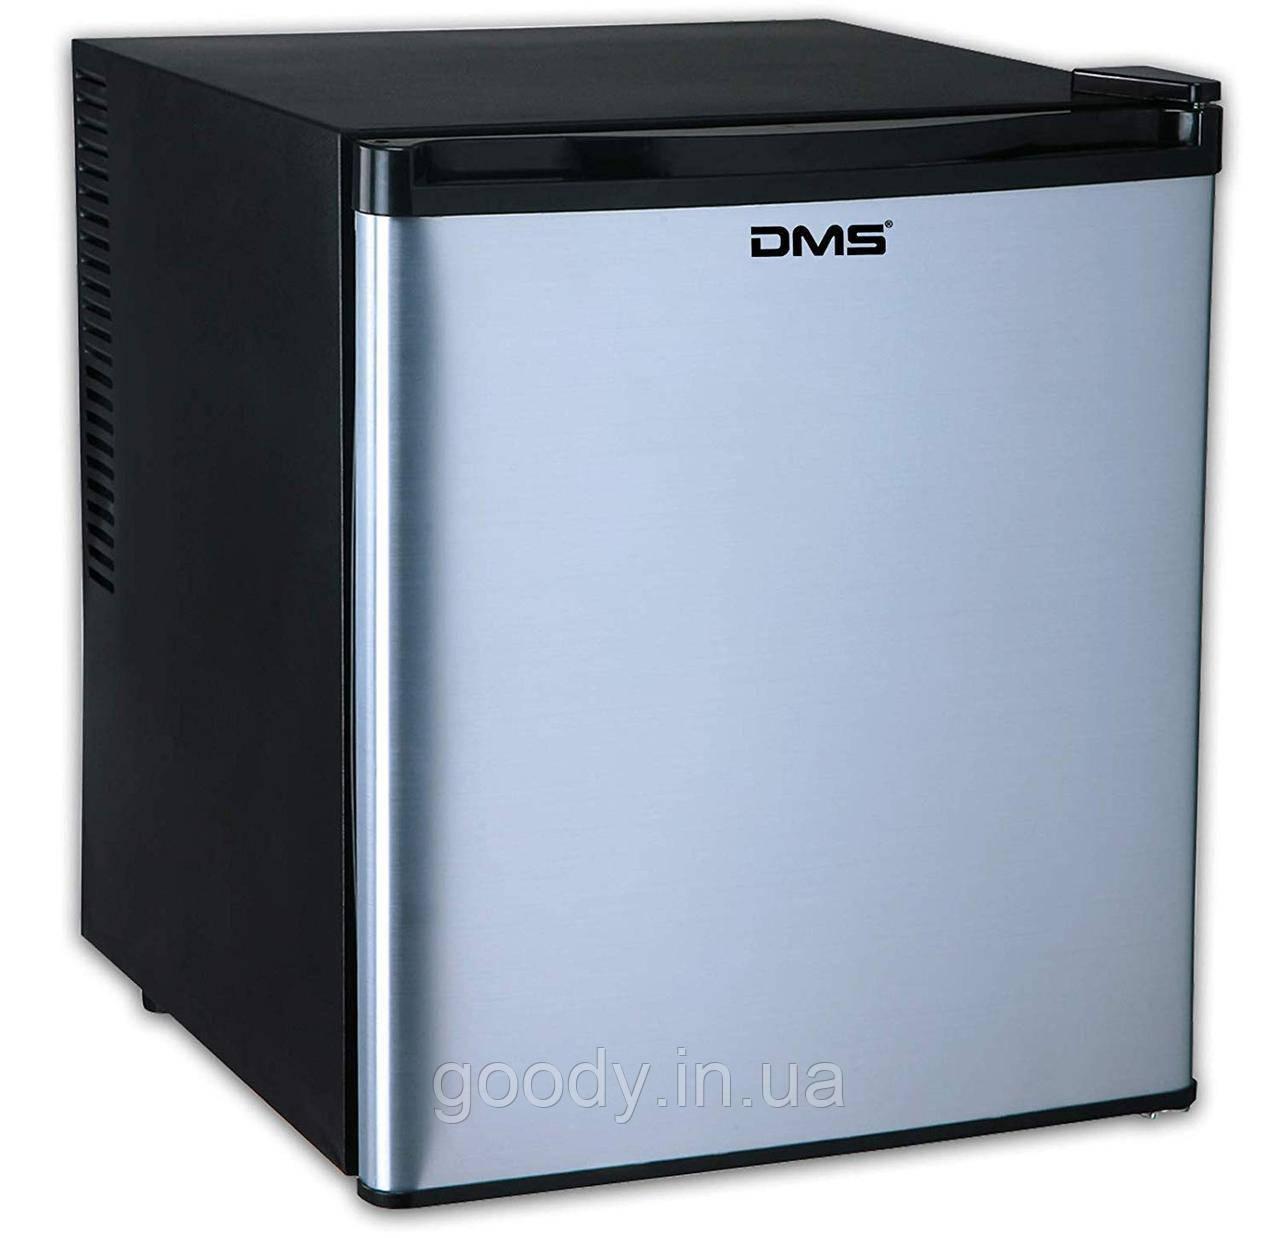 Холодильник (міні бар) DMS KS-50S-1